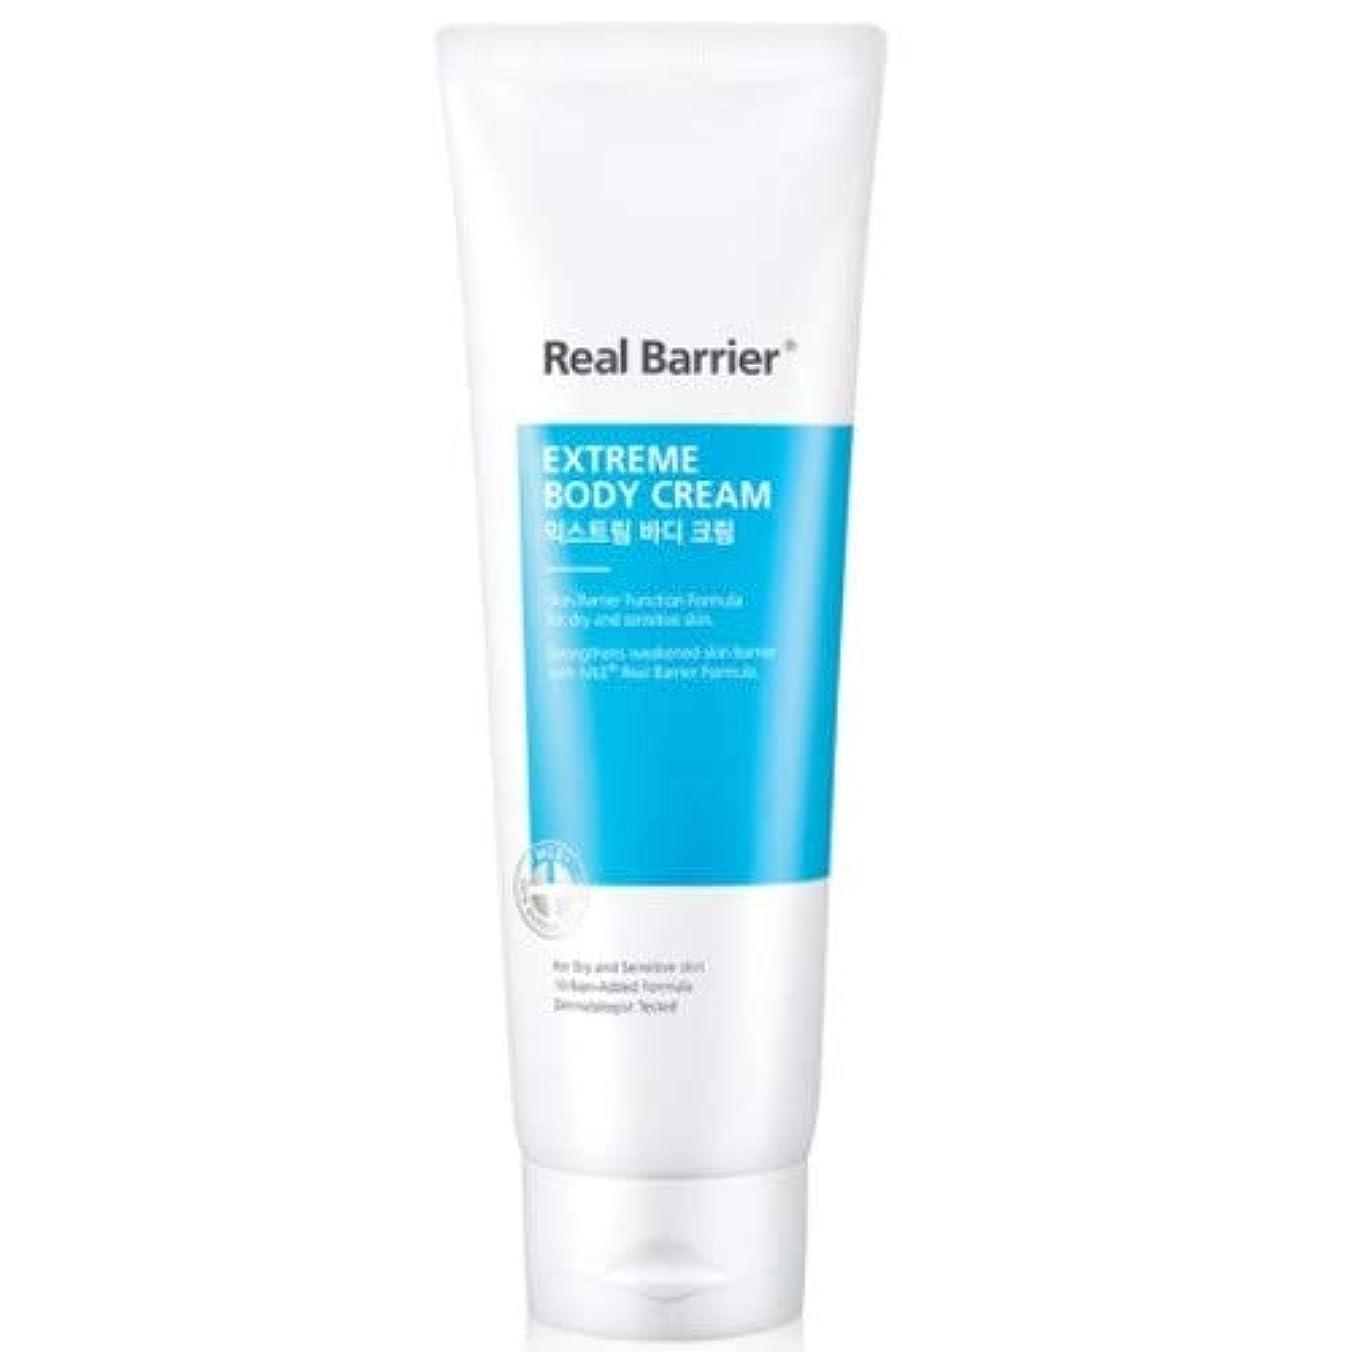 警報クリスマスフラップATOPALM Real Barrier?エクストリームボディークリーム250g / ATOPALM Real Barrier Extreme Body Cream [並行輸入品]